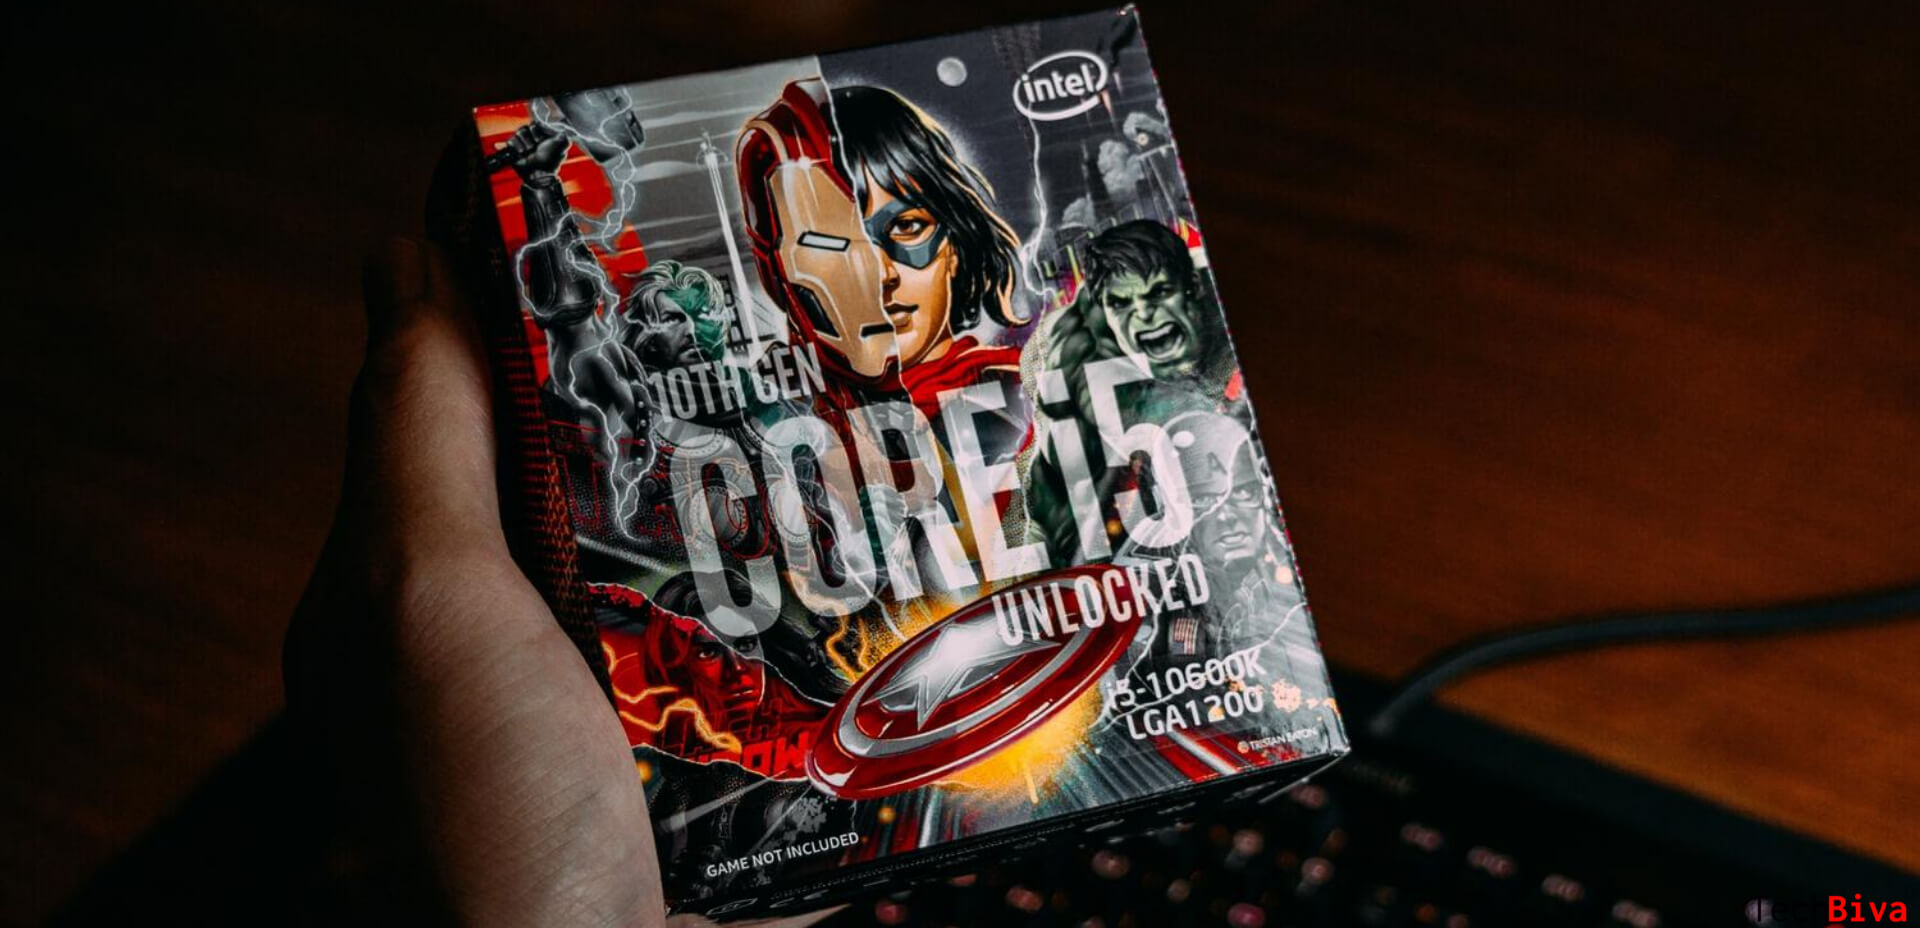 Intel Pentium VS i5